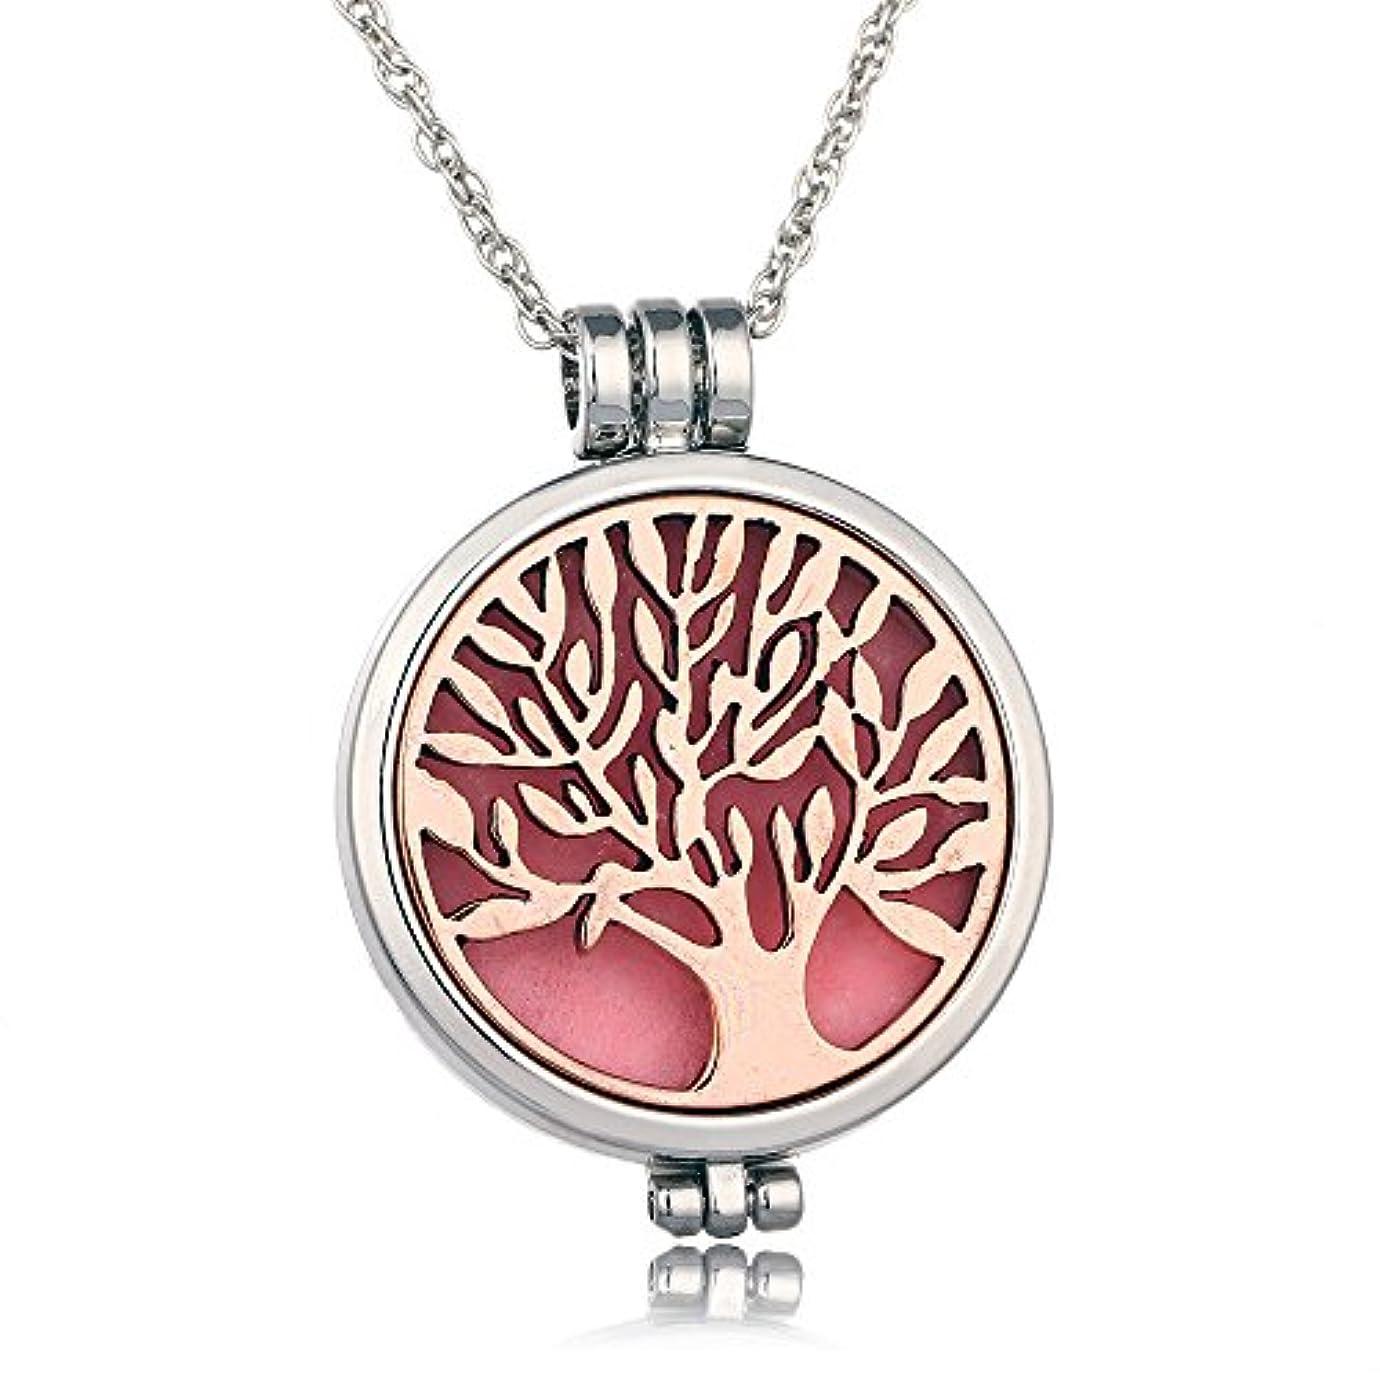 インフルエンザコウモリパースThe Tree Of Life ,光FragranceネックレスEssential Oil Diffuser with 6フェルトパッド